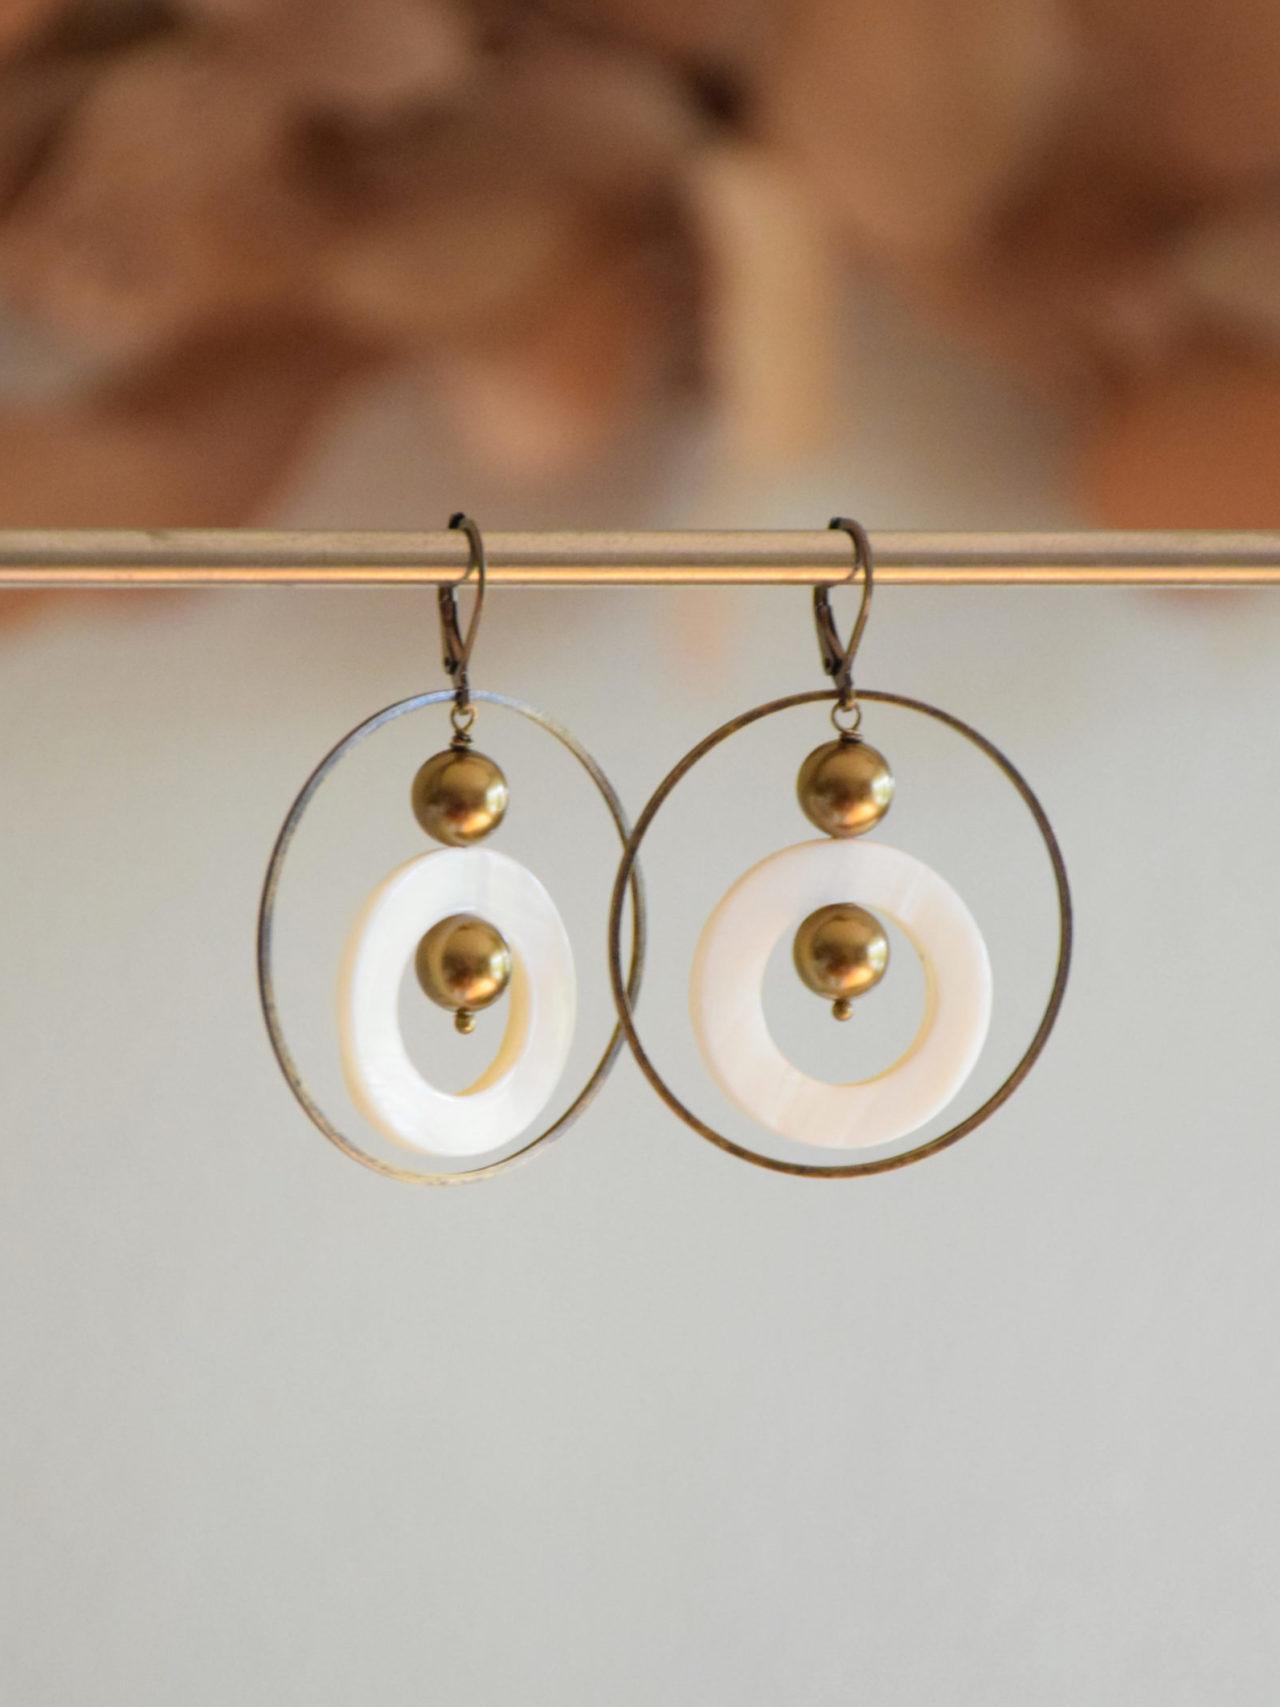 boucles-d-oreilles-once-upon-a-time-création-de-bijoux-par-les-délires-de-lolotte